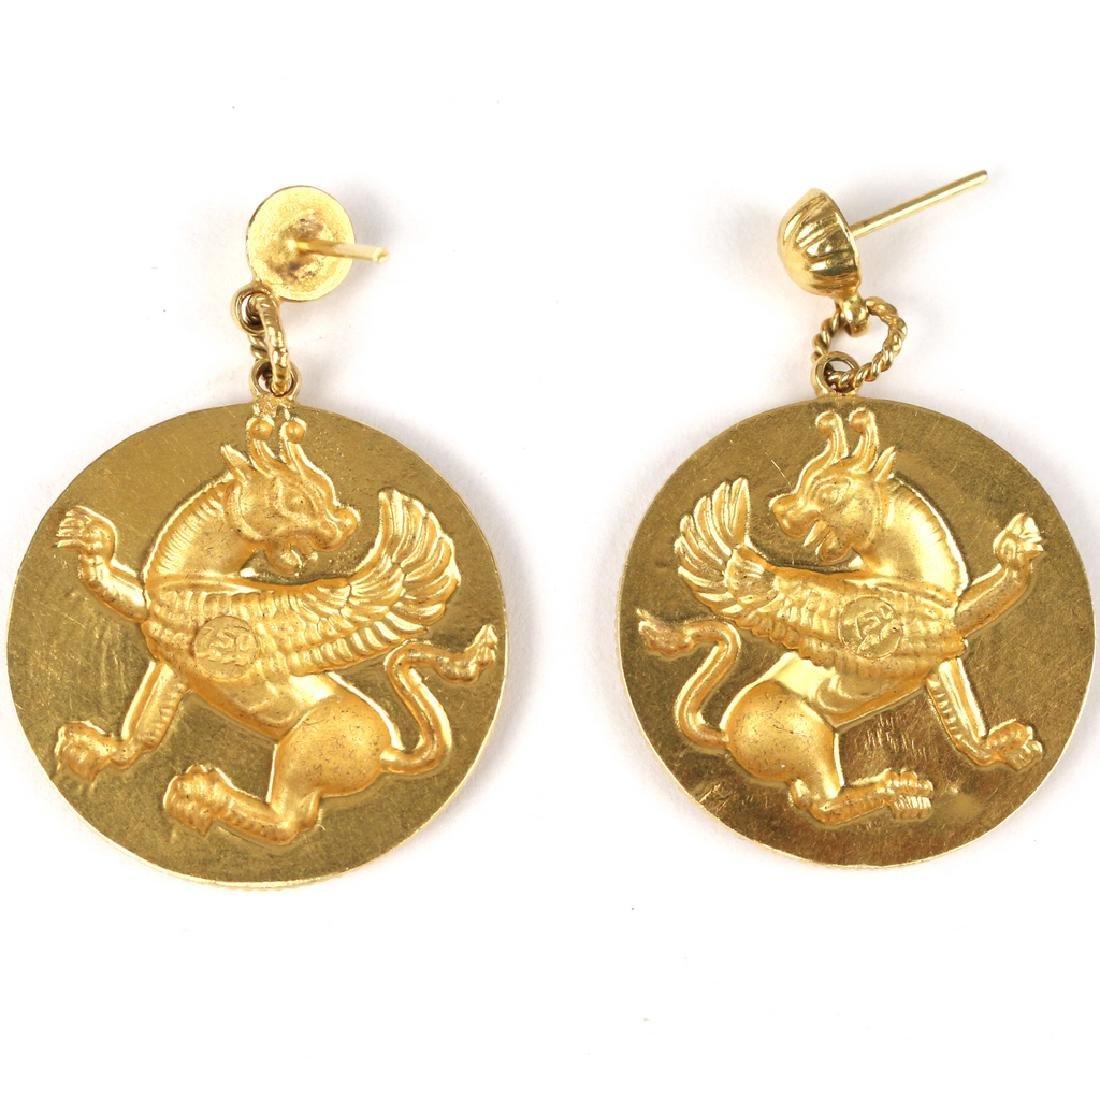 PAIR PERSIAN GOLD LAMASSU PLAQUE EARRINGS - 2